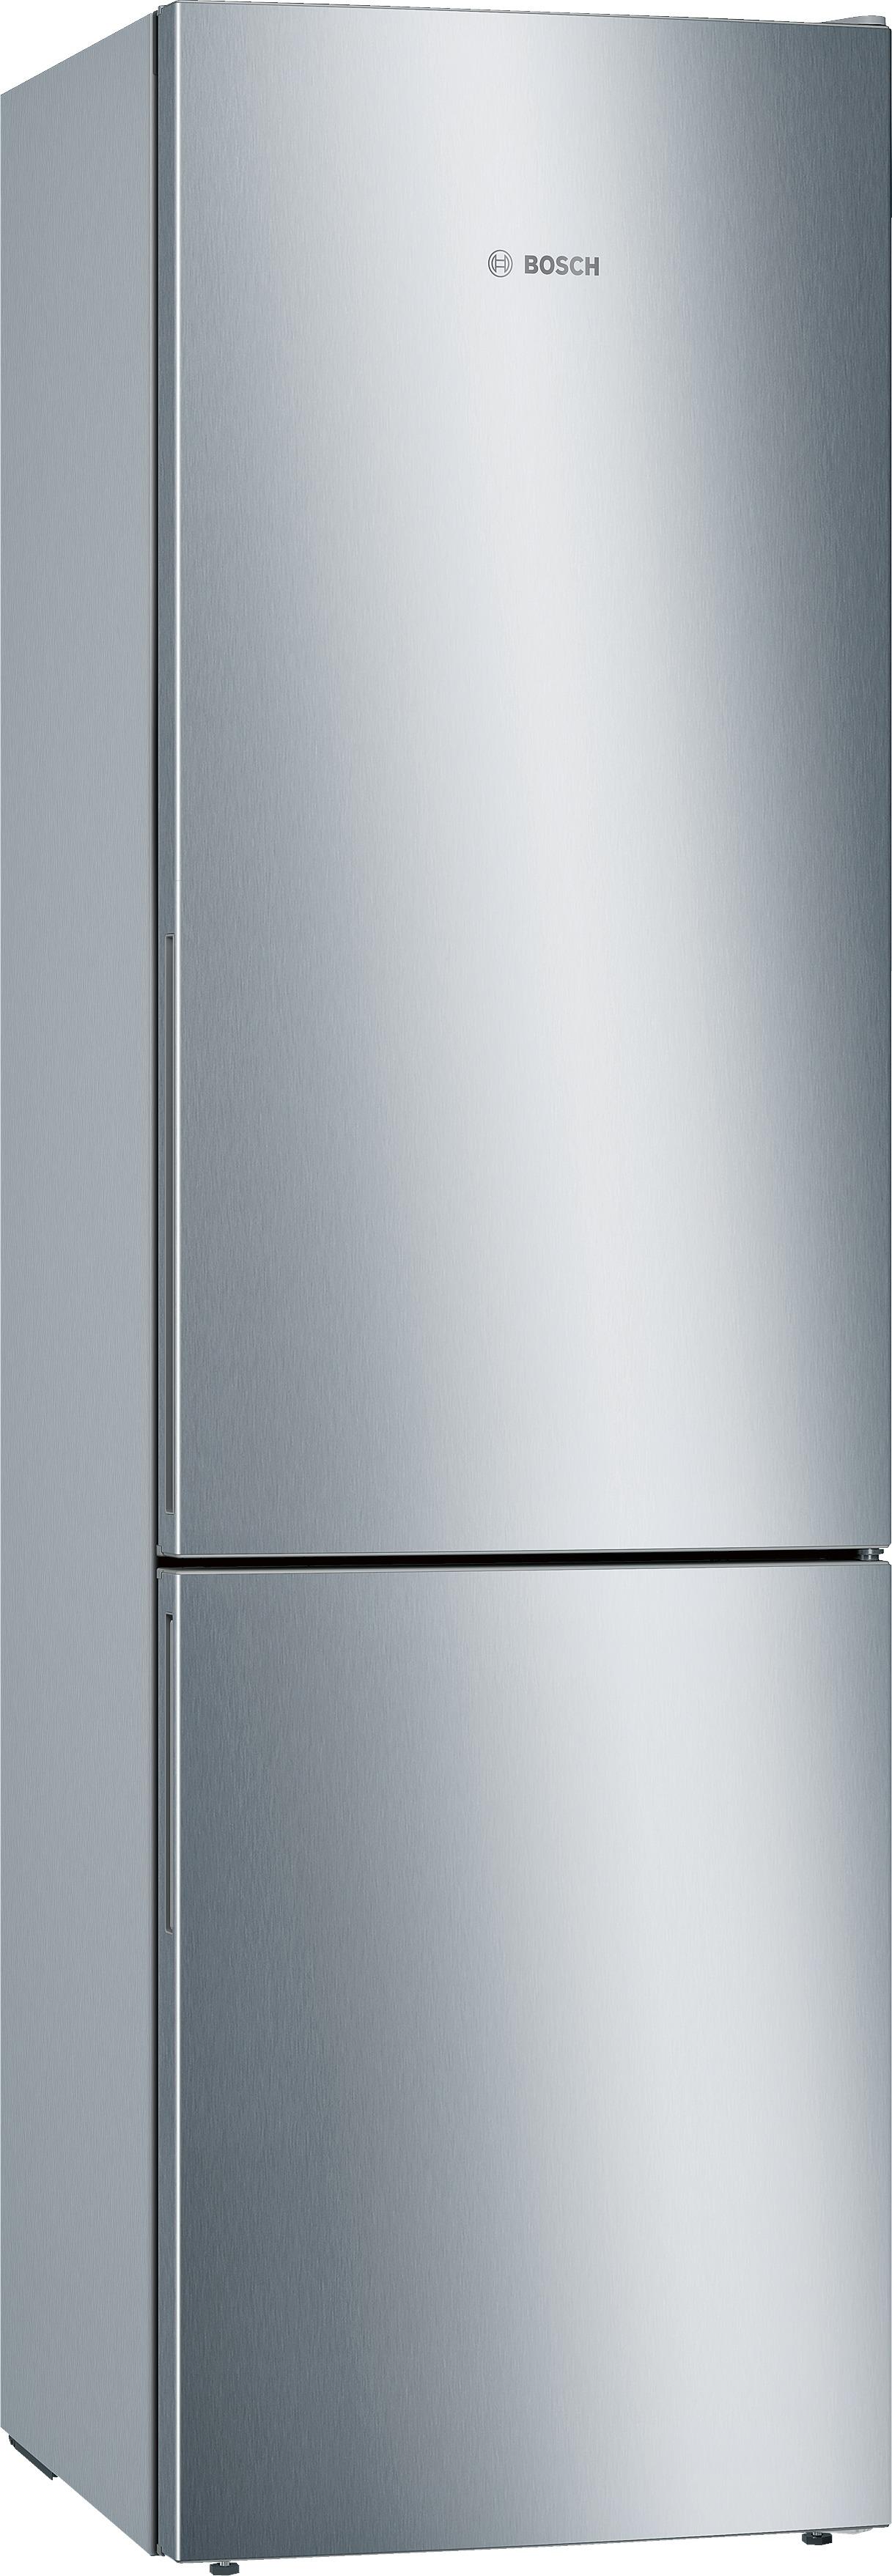 Bosch KGE39VL4A koelkast met vriesvak